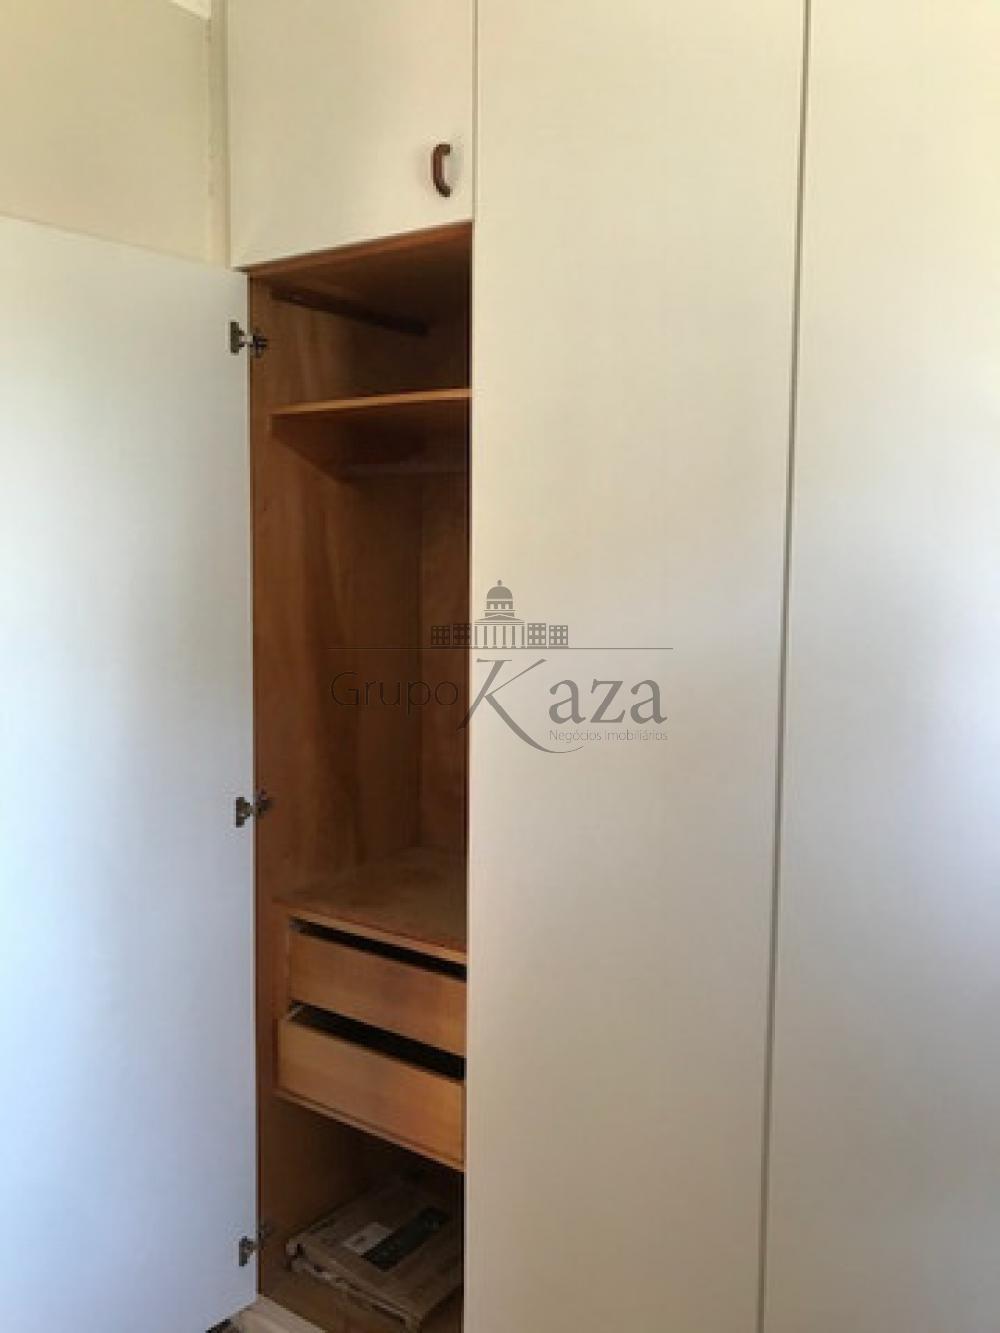 alt='Comprar Apartamento / Padrão em São José dos Campos R$ 515.000,00 - Foto 9' title='Comprar Apartamento / Padrão em São José dos Campos R$ 515.000,00 - Foto 9'